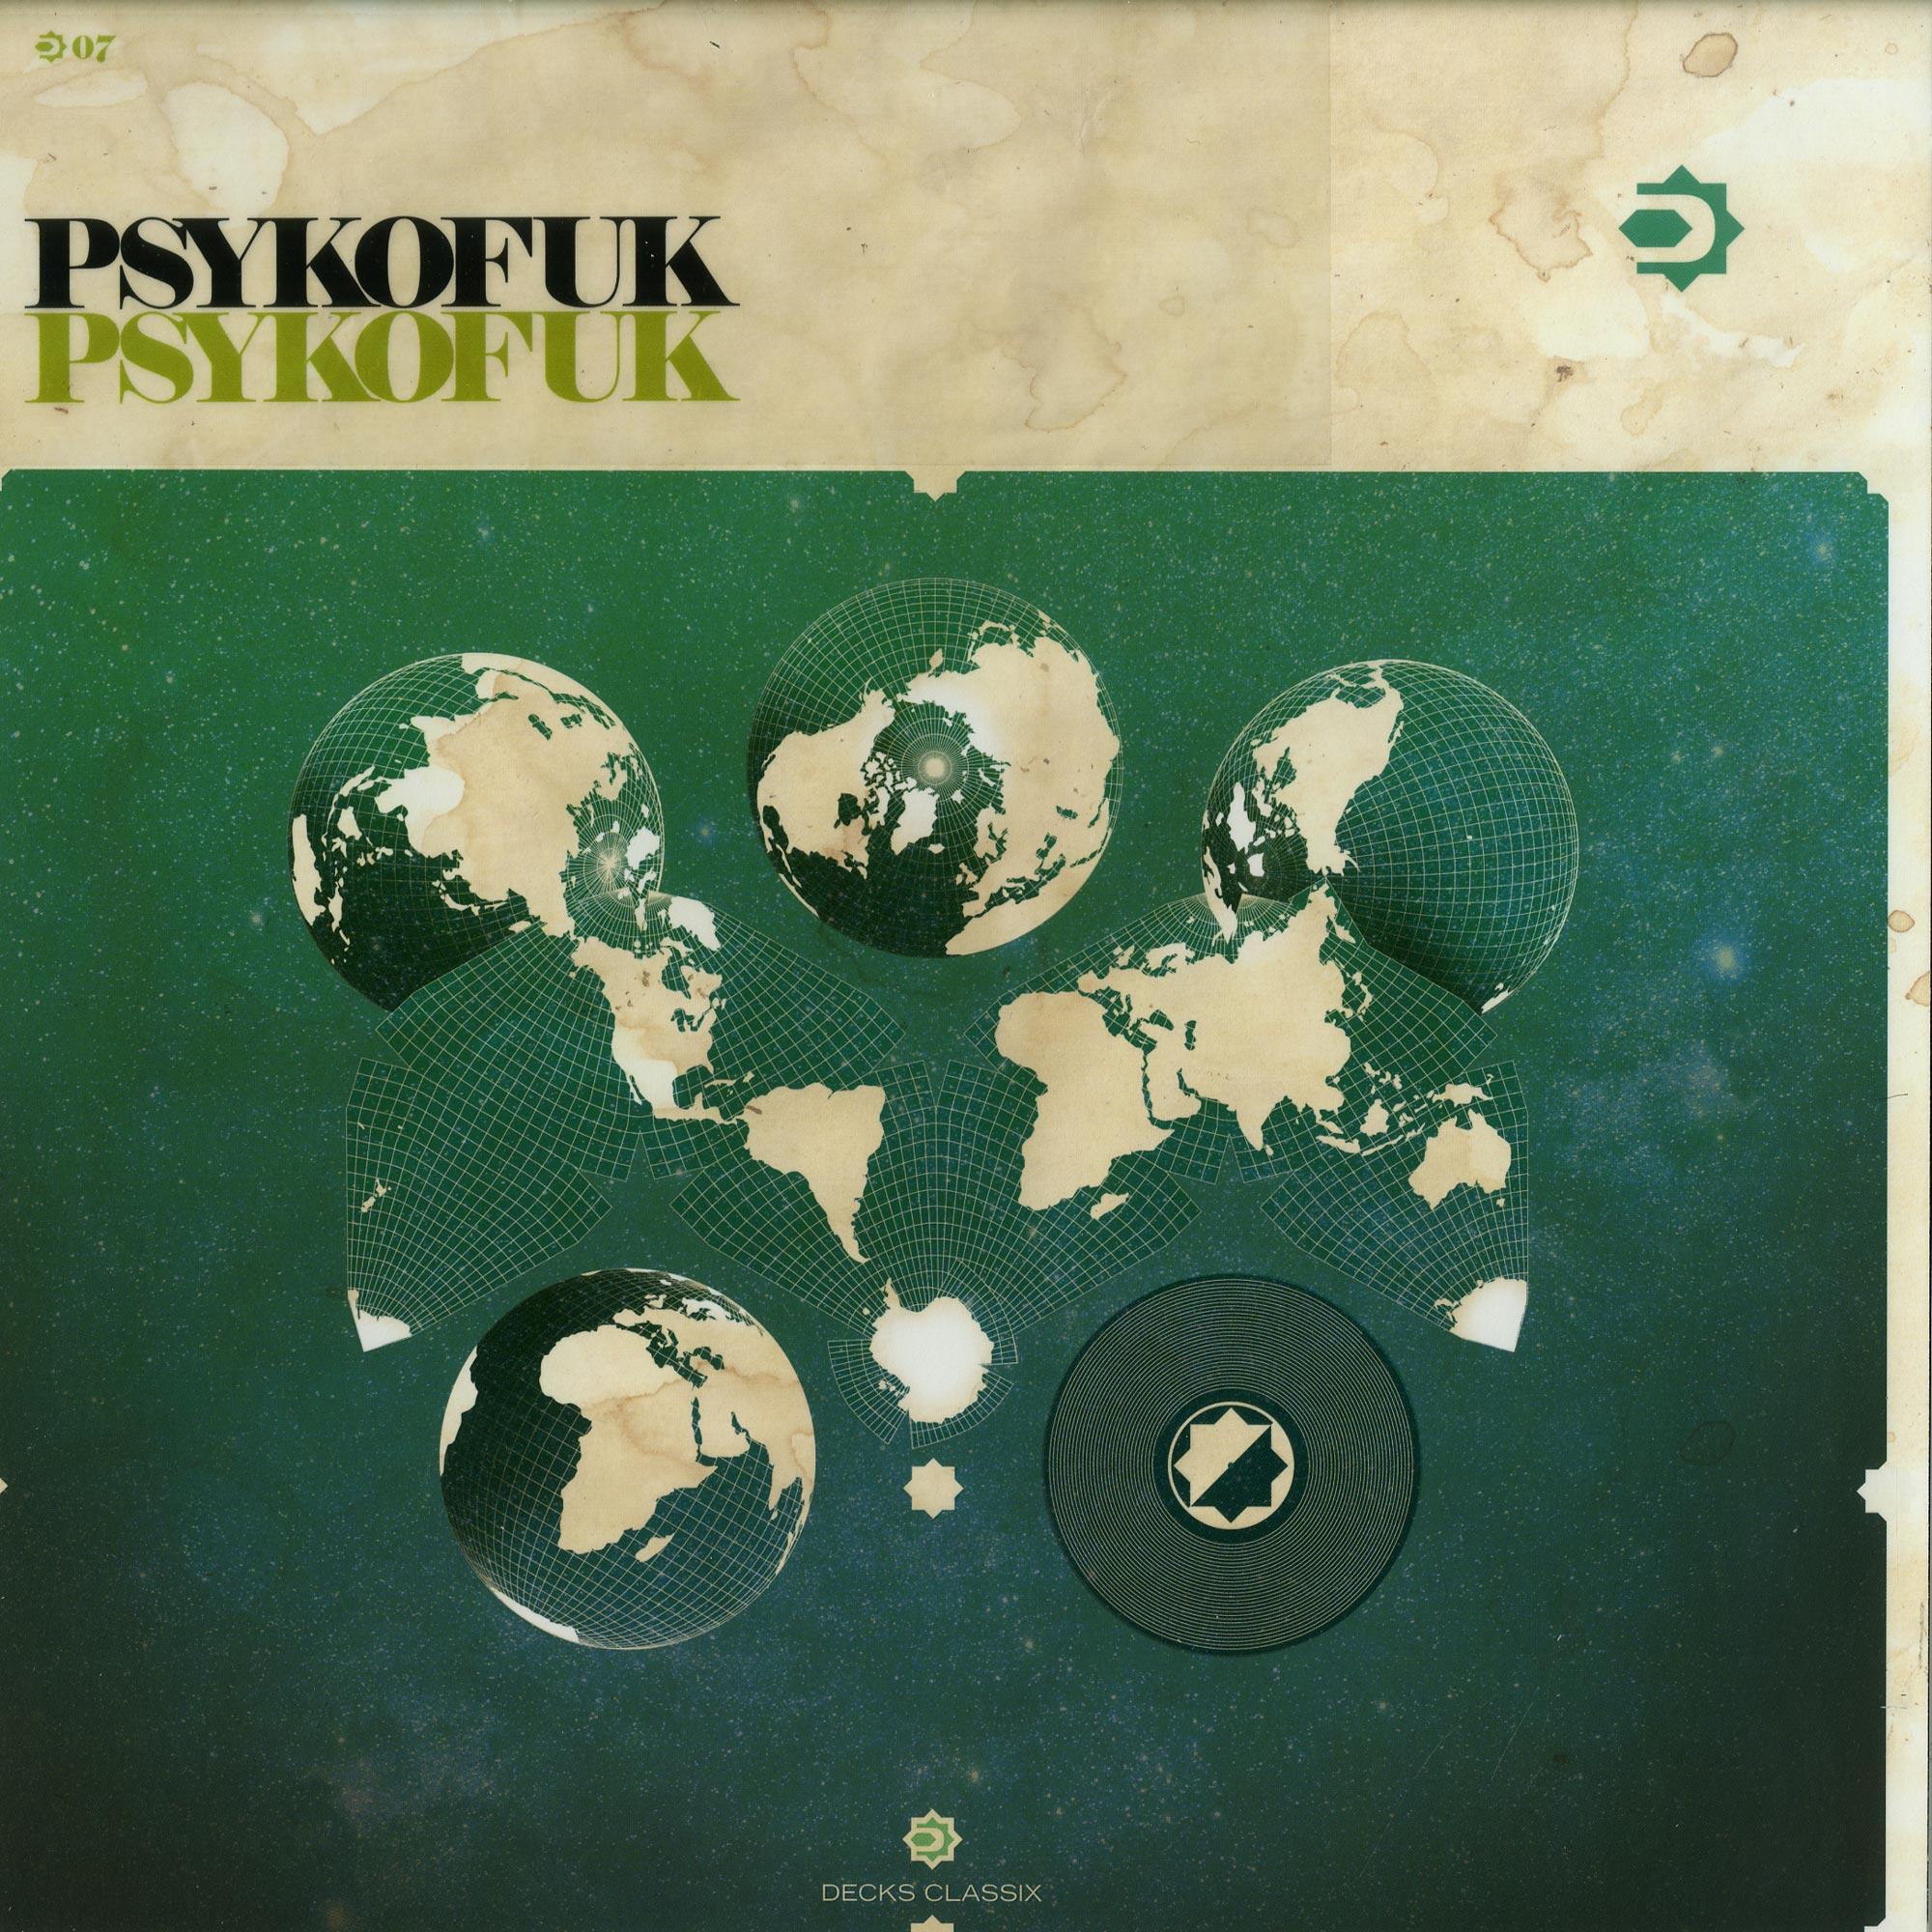 Psykofuk - PSYKOFUK